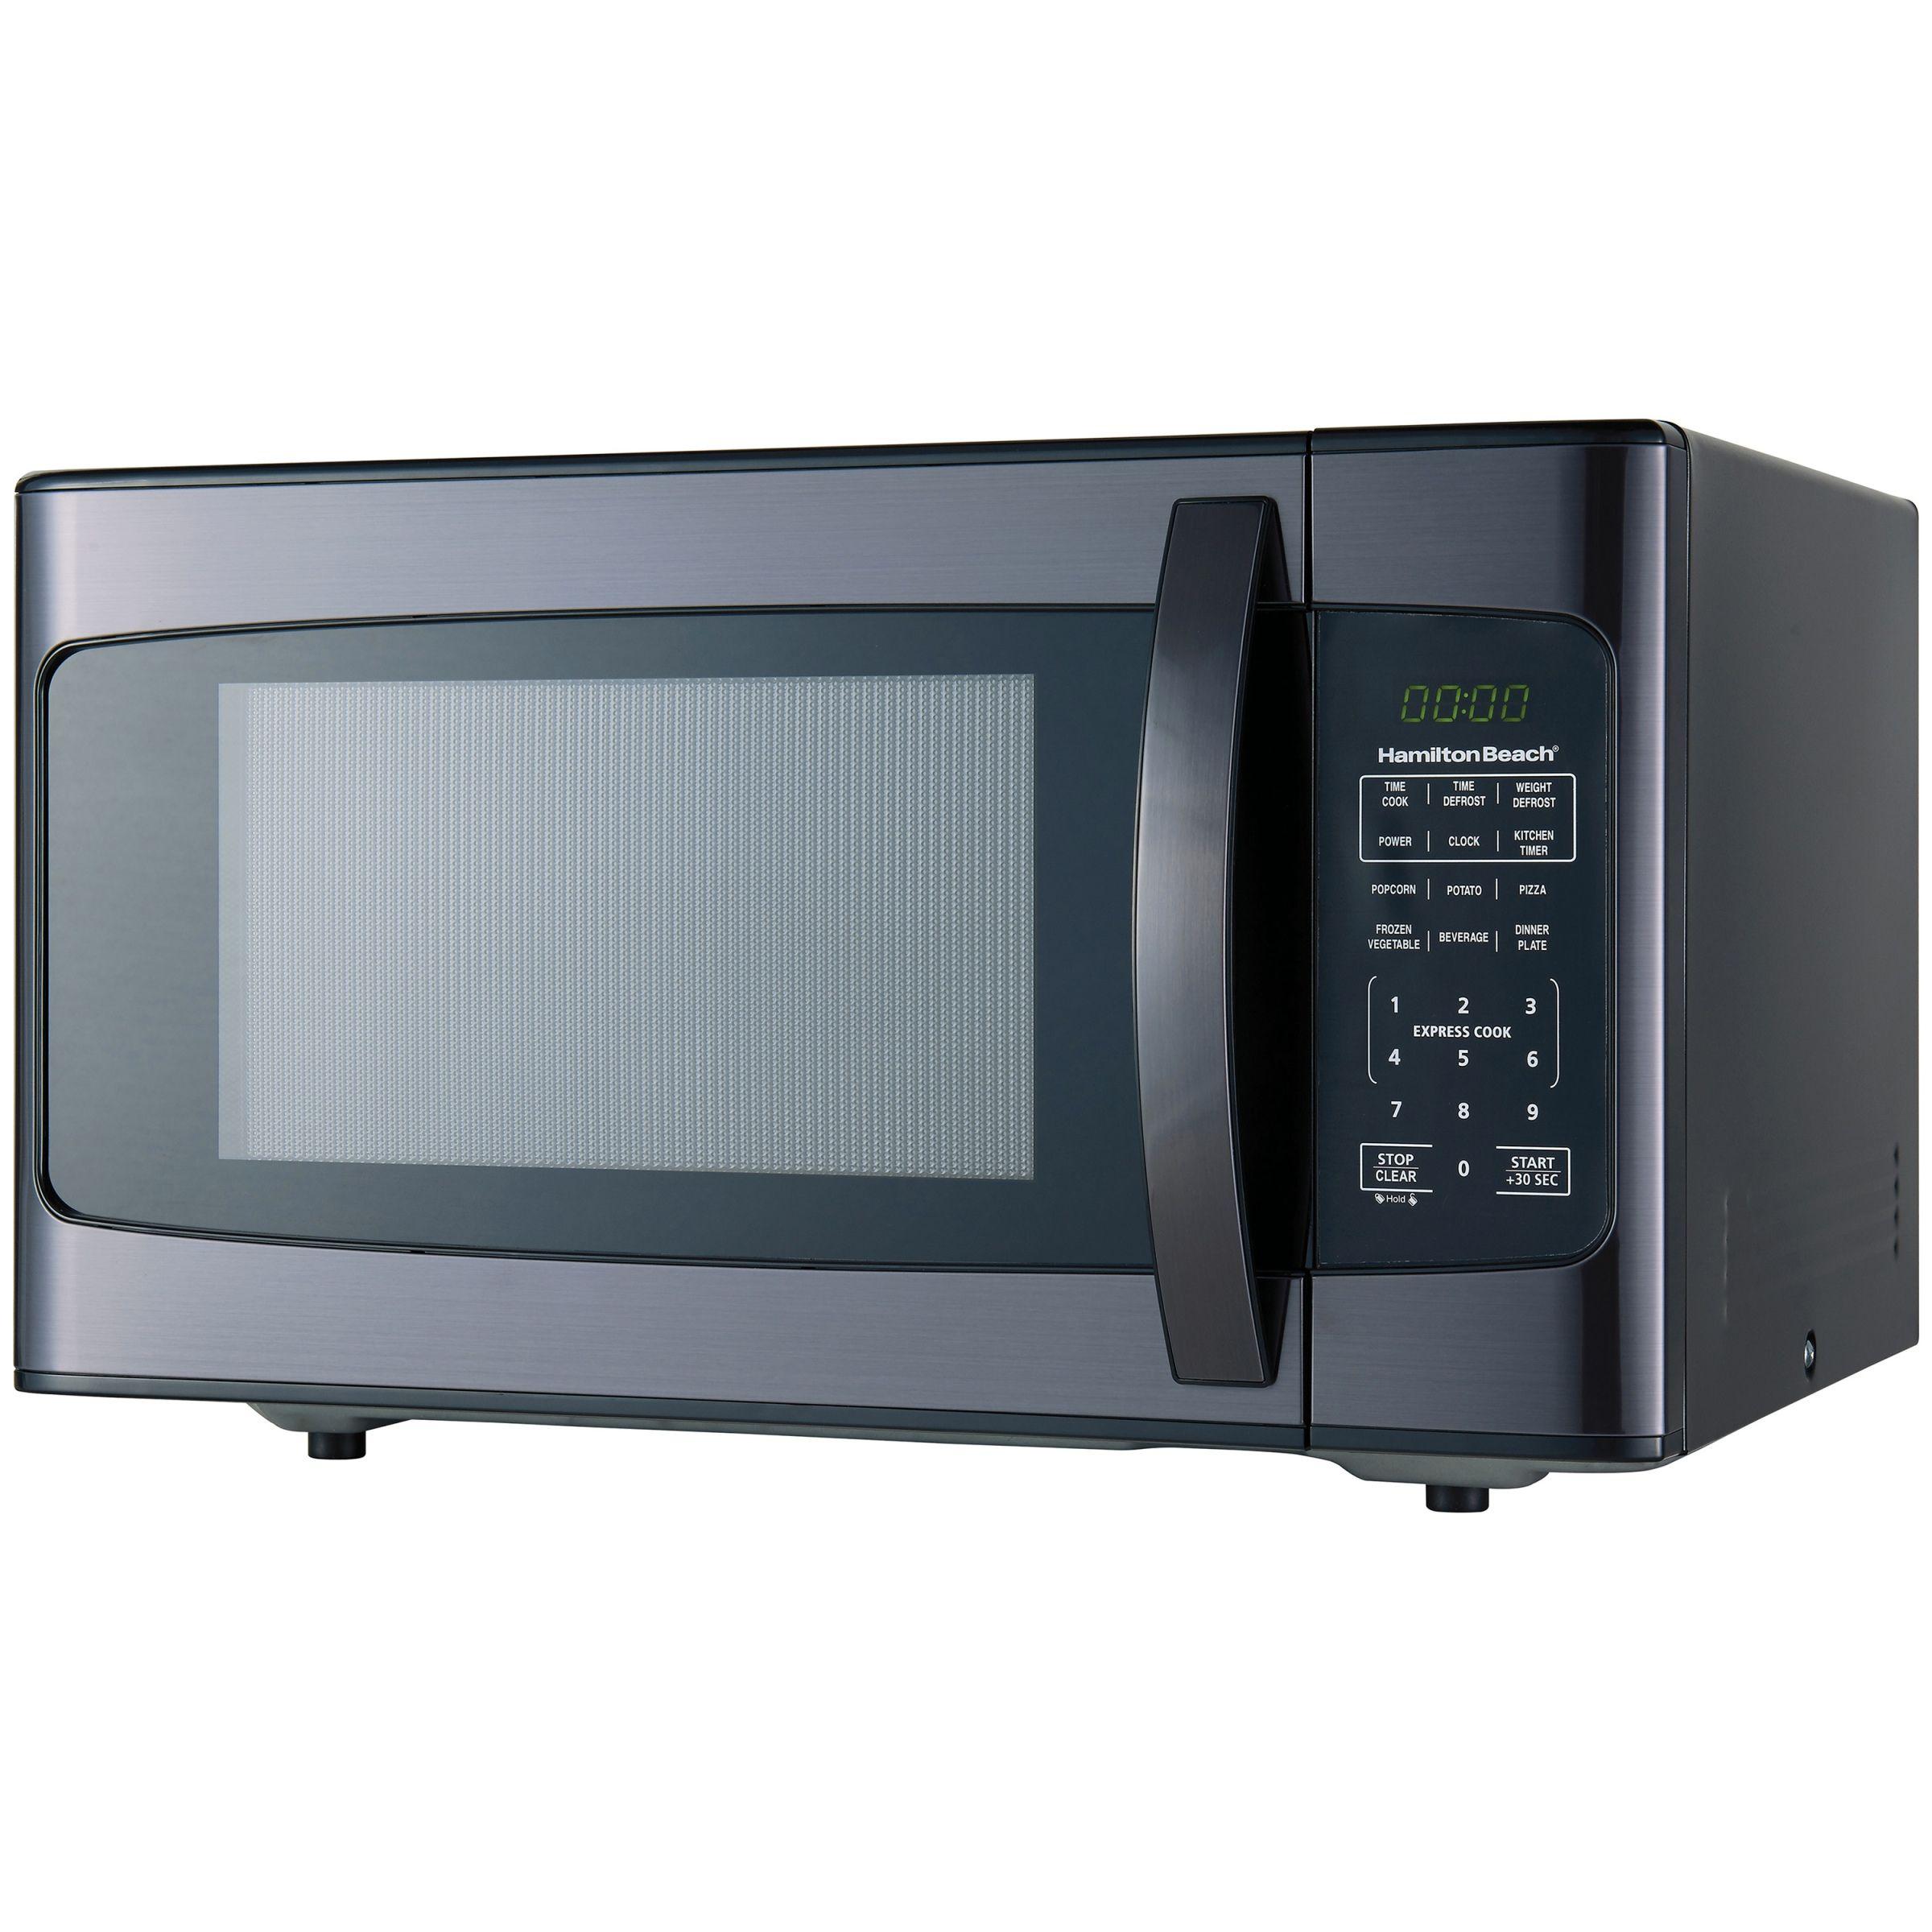 Hamilton Beach 1 1 Cu Ft 1000 Watt Microwave Stainless Steel Cu Ft Hamilton Stainless Steel Oven Stainless